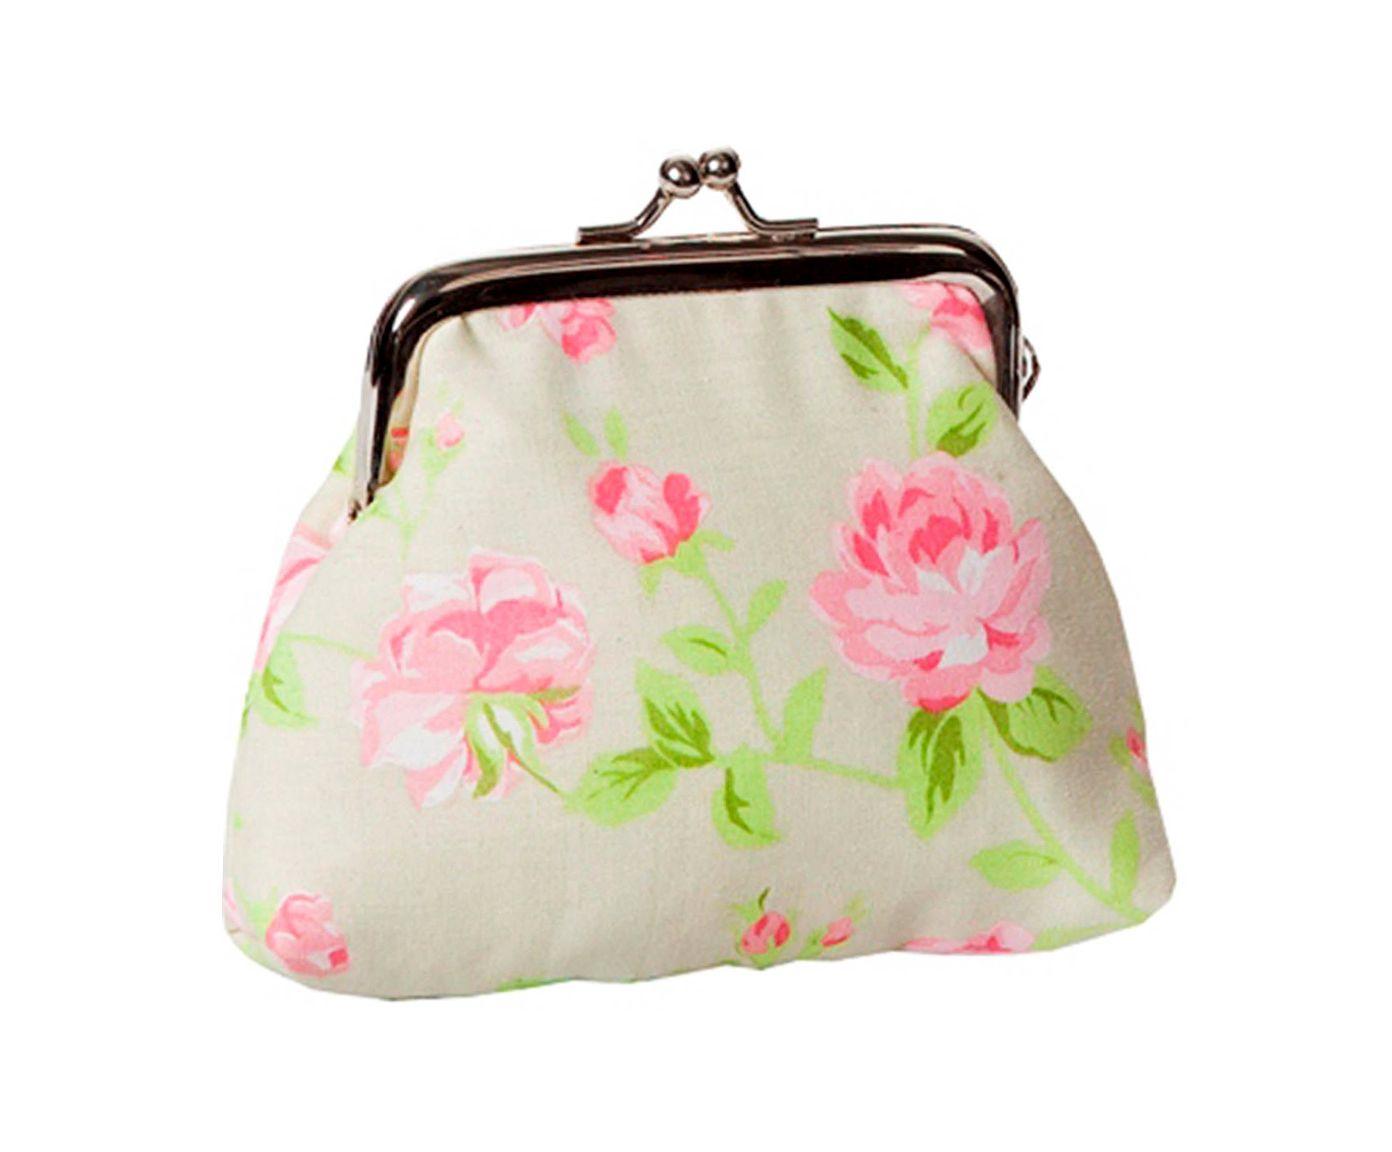 Bolsa para Moedas Romantic Flowers Verde - 20X12X2cm | Westwing.com.br